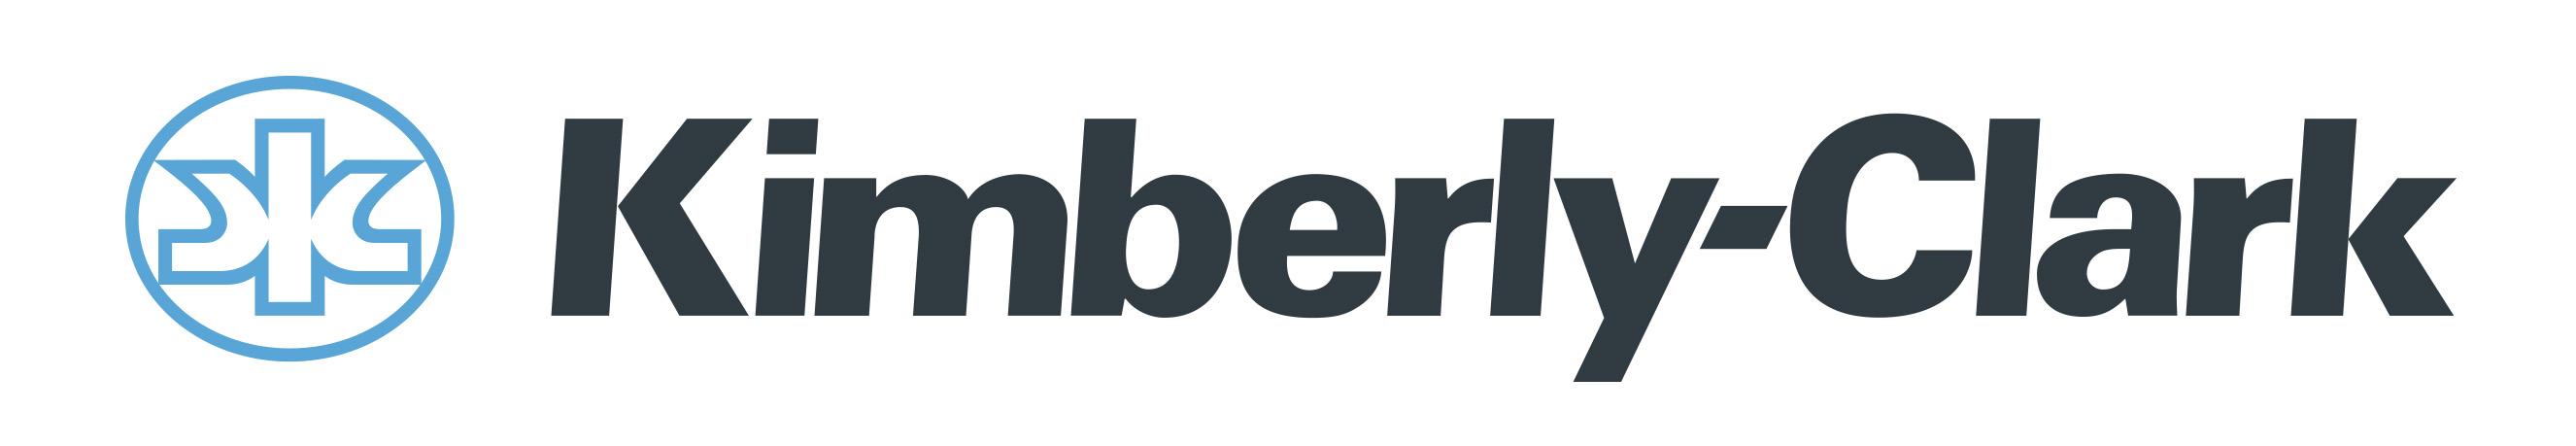 kimberly-clark-healthcare-logo